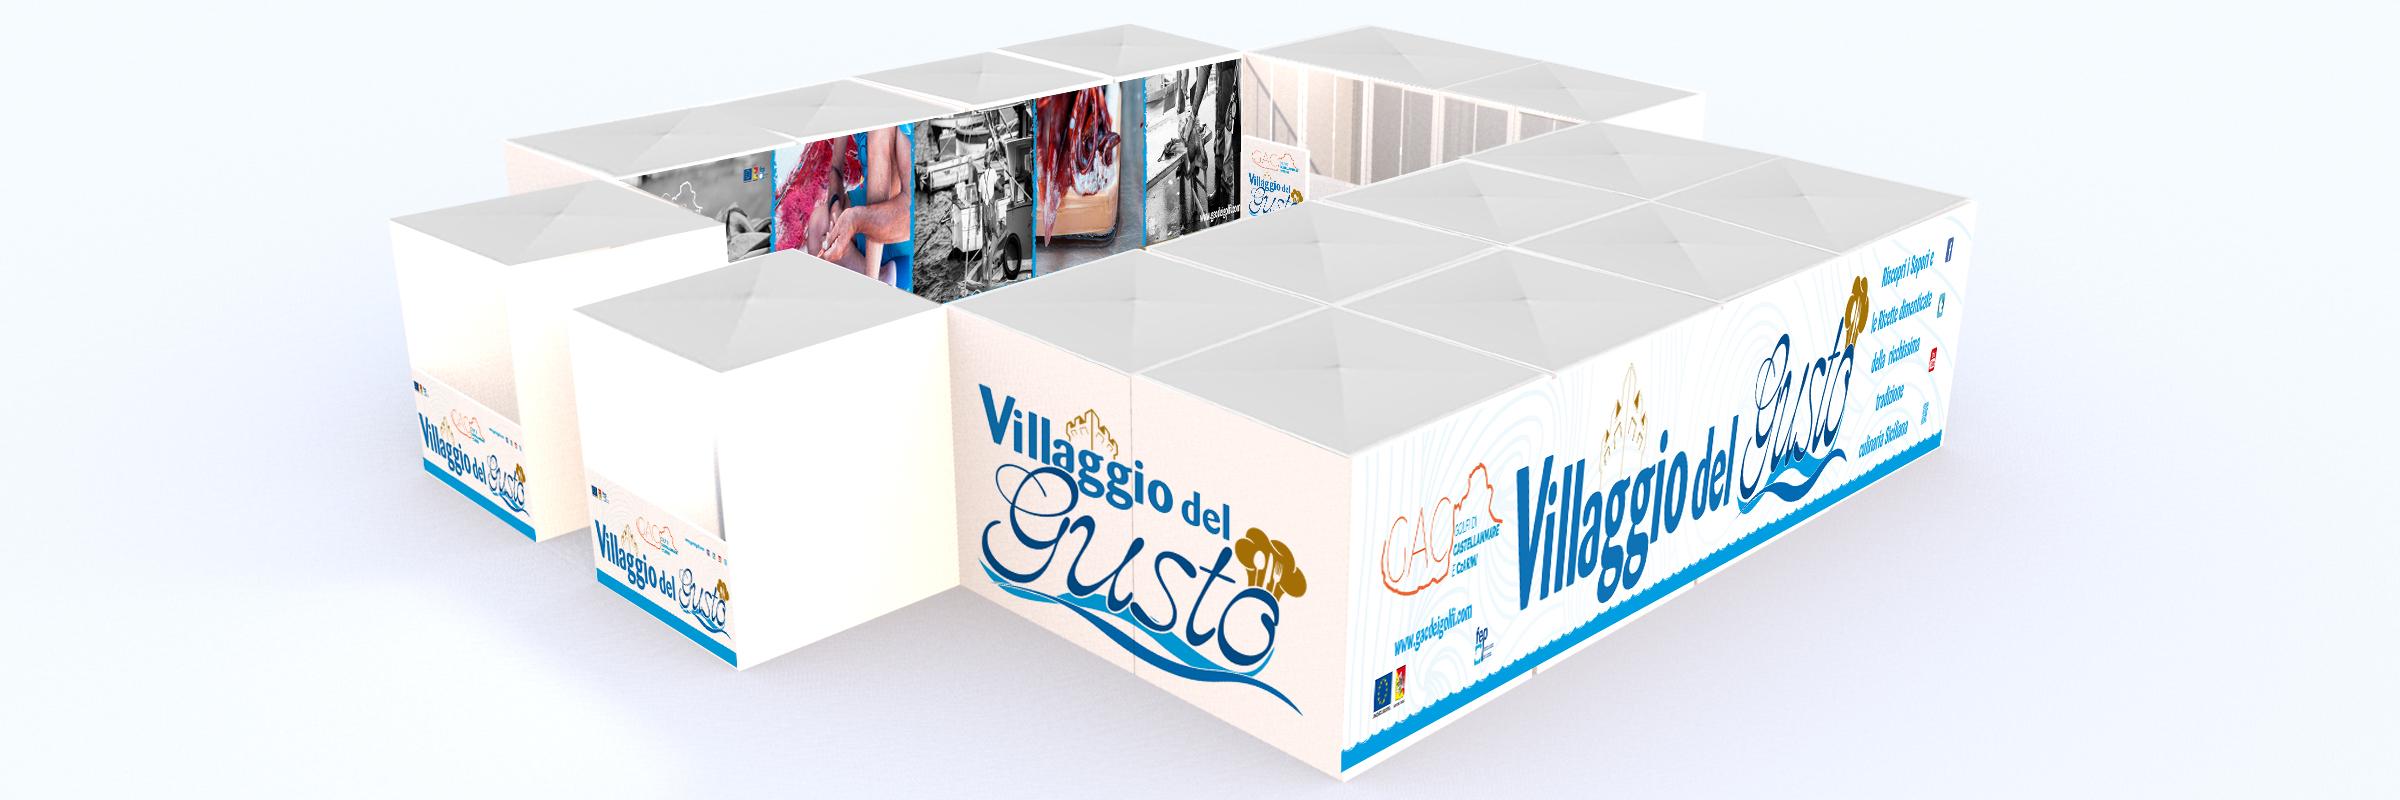 Eventi Gruppo Studio Nouvelle Salerno Progetti Marketing Ricerca Grafica Web Comunicazione Consulenza Eventi Fidelity Card Operazione Premi Formazione